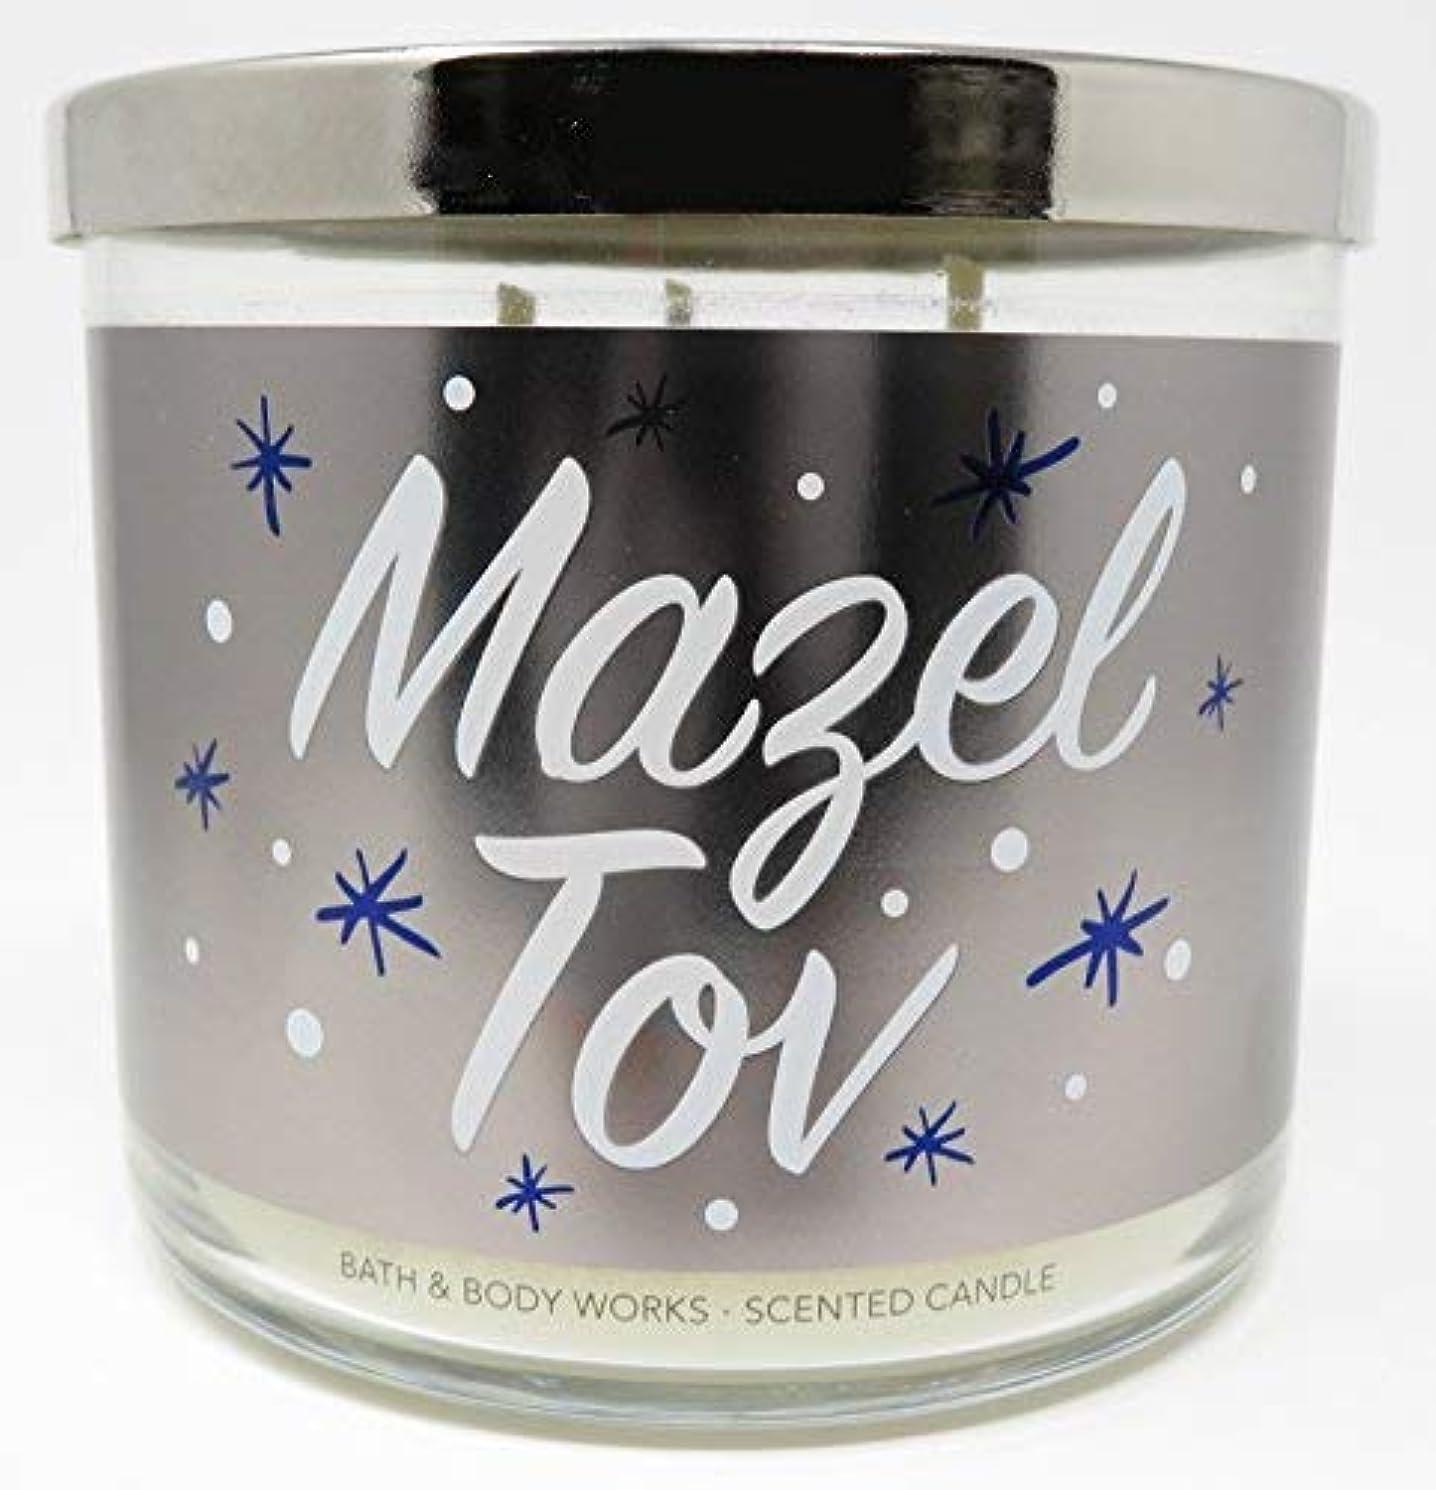 リボン現実的懐疑的Bath & Body Works Candle 3 Wick 14.5オンスMazel Tov香りバニラスノーフレーク